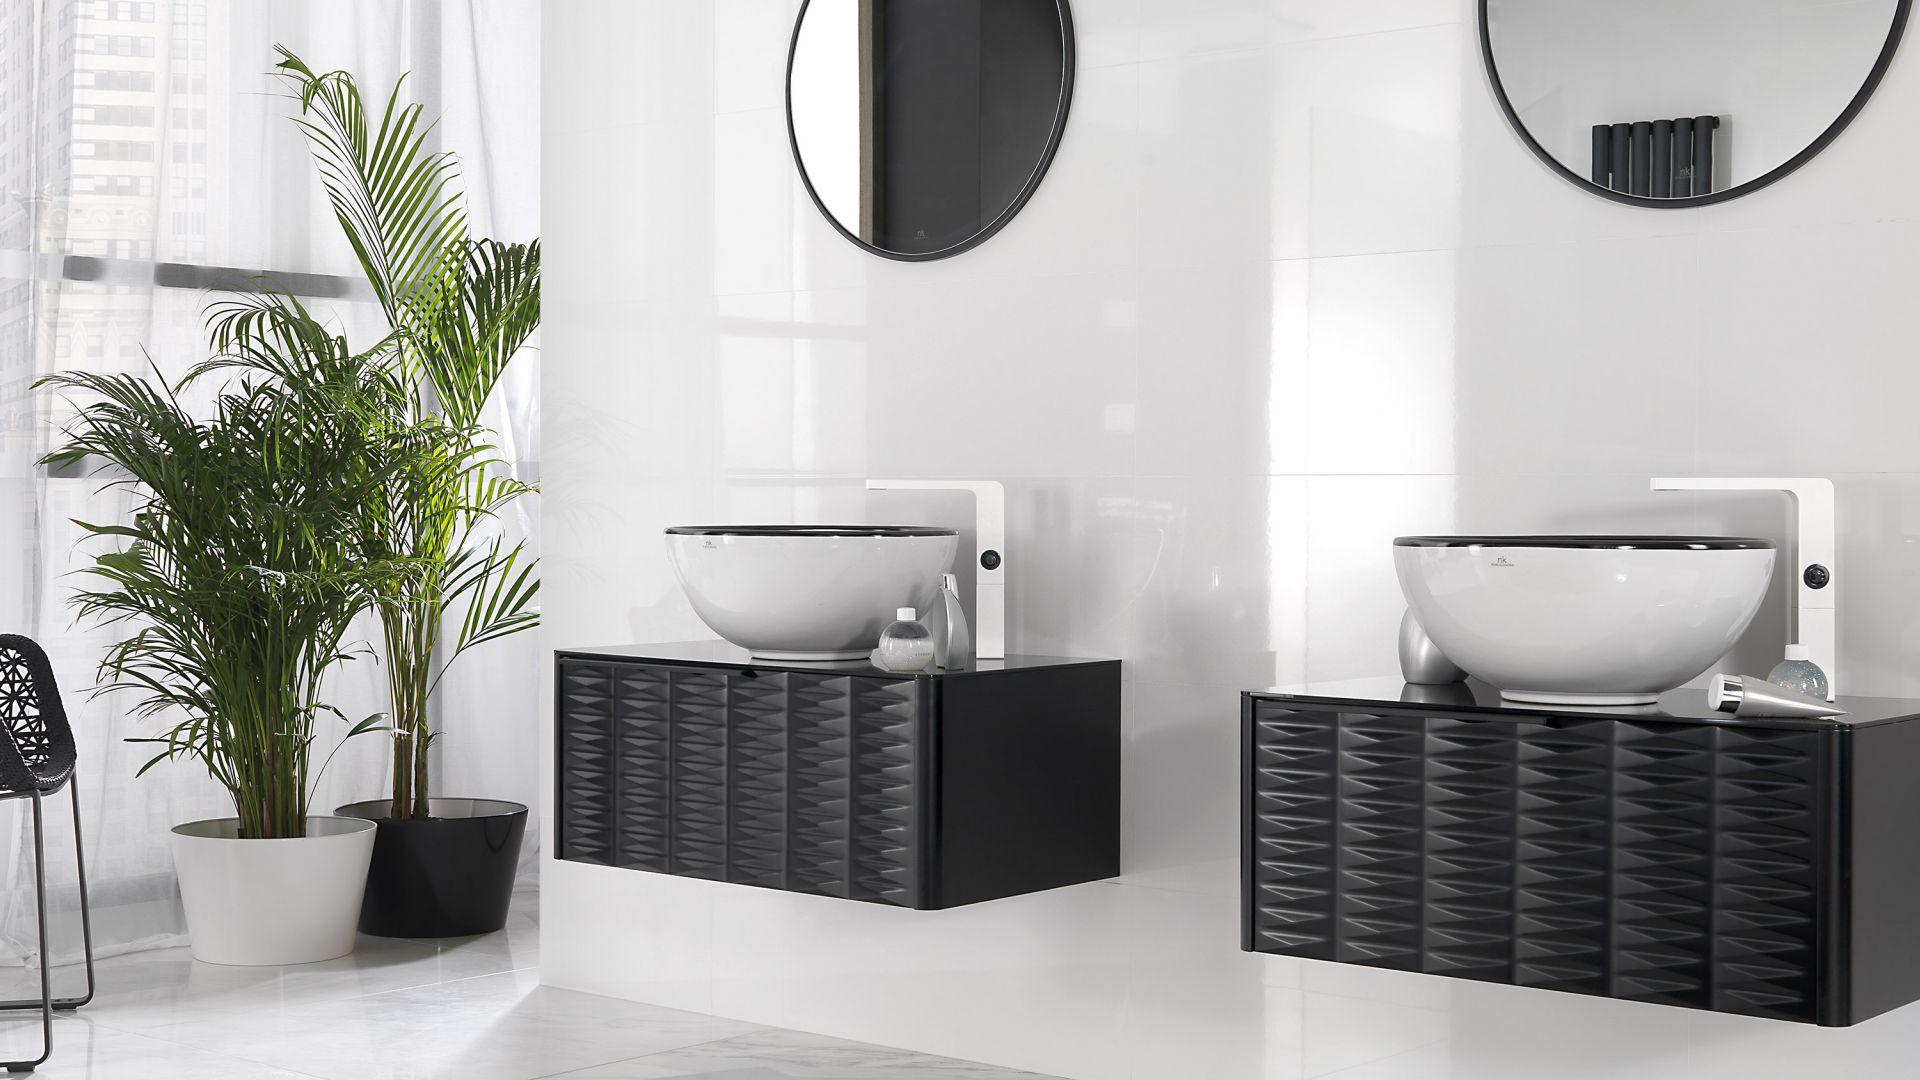 Porcelanosa Meuble De Salle De Bain lounge | noken porcelanosa bathrooms